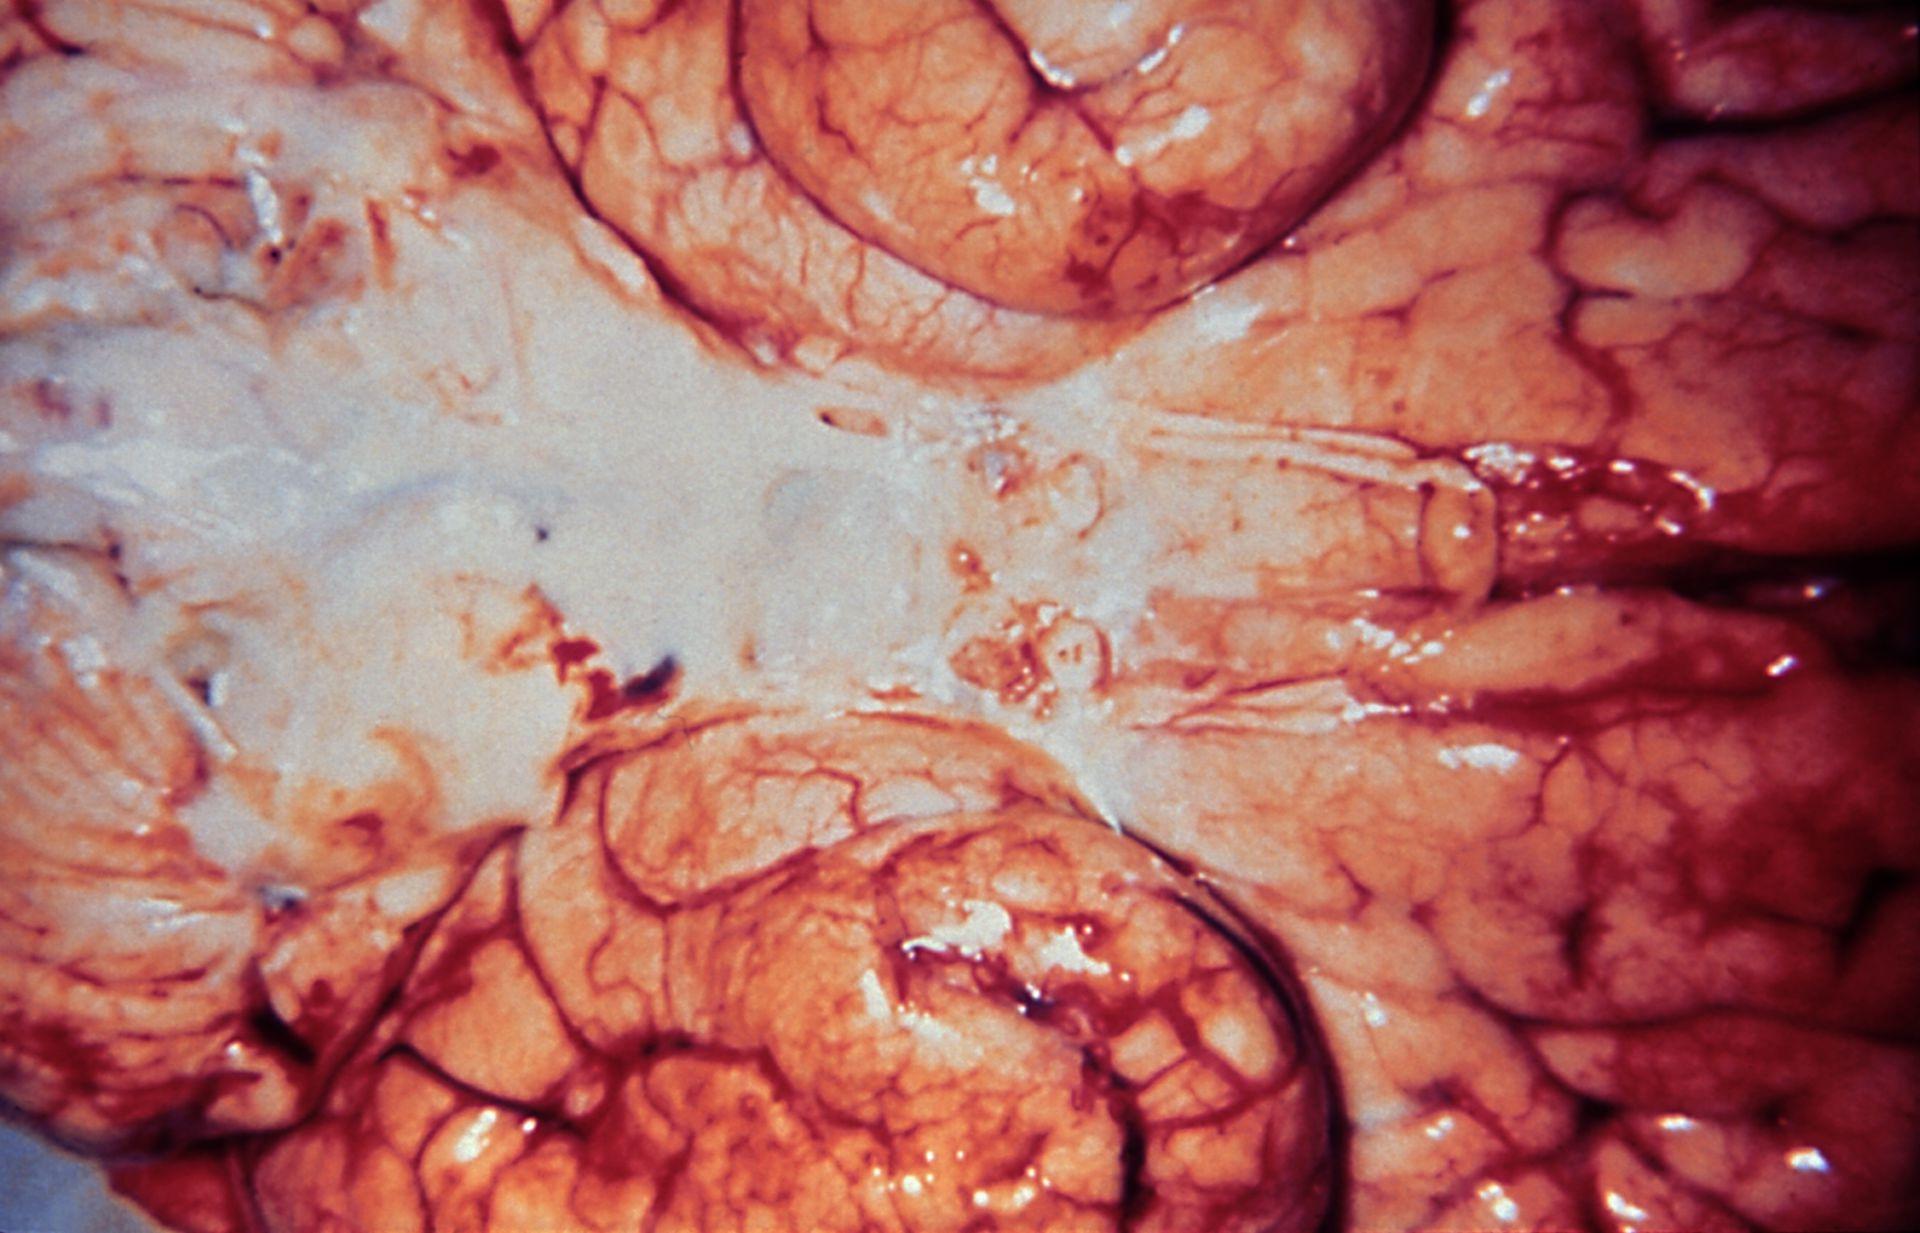 Preparazione encefalica dopo meningite (Haemophilus influenzae)